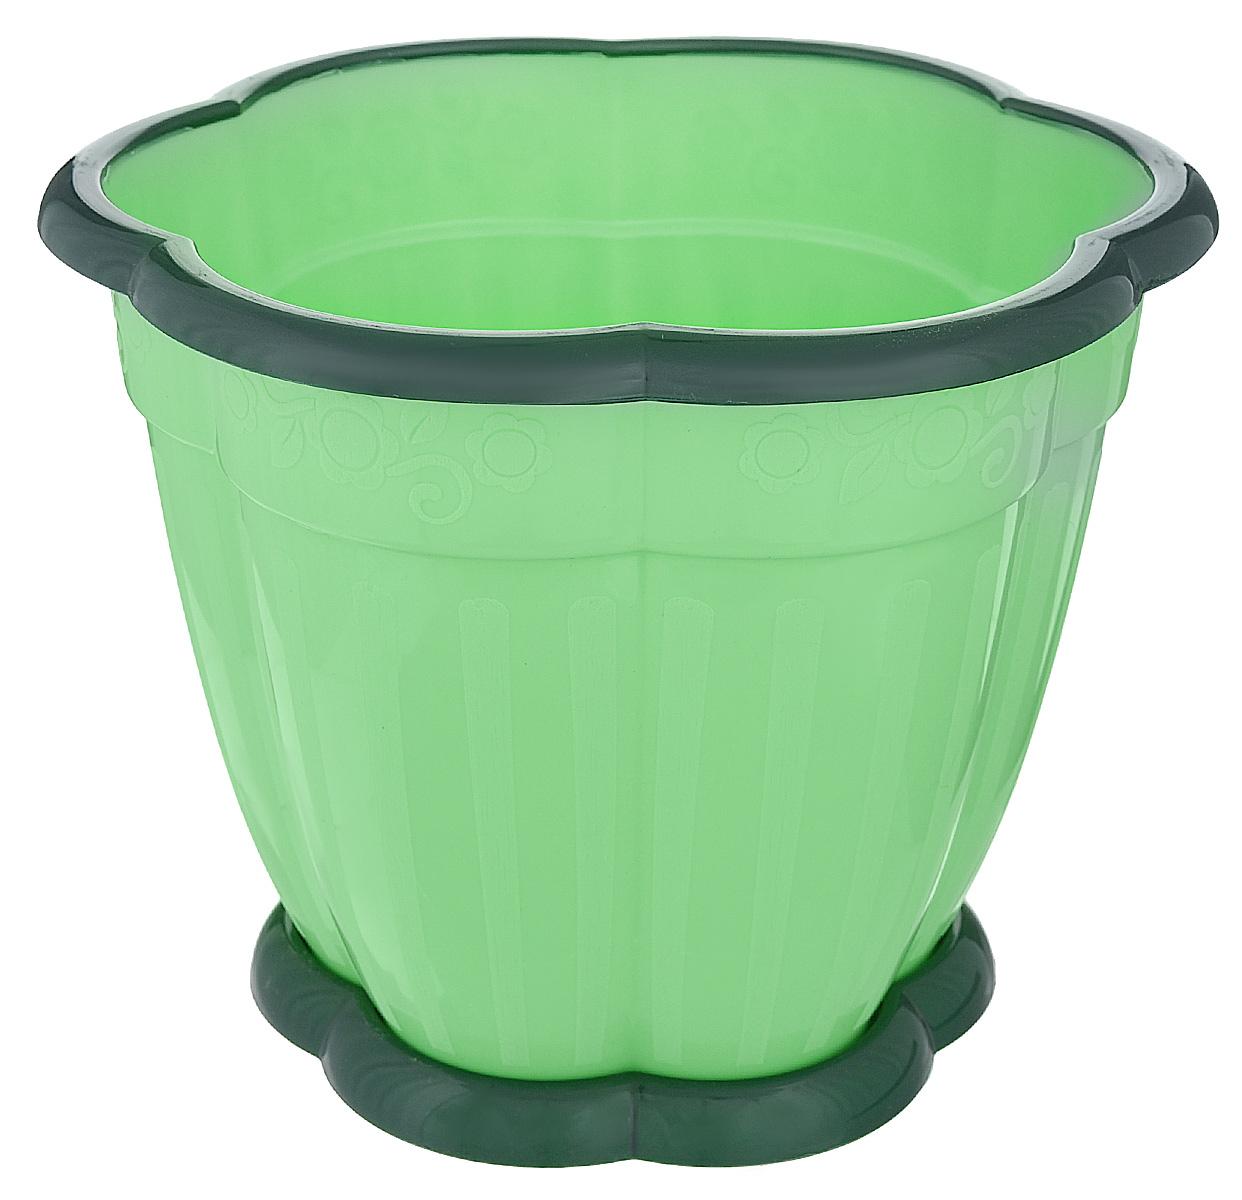 Горшок для цветов Альтернатива Восторг, с поддоном, цвет: светло-зеленый, зеленый, 3 лZ-0307Цветочный горшок Альтернатива Восторг выполнен из пластика и предназначен для выращивания в нем цветов, растений и трав.Такой горшок порадует вас современным дизайном и функциональностью, а также оригинально украсит интерьер помещения. К горшку прилагается поддон.Диаметр горшка по верхнему краю: 20,5 см.Высота горшка: 16 см.Диаметр поддона: 14,5 см.